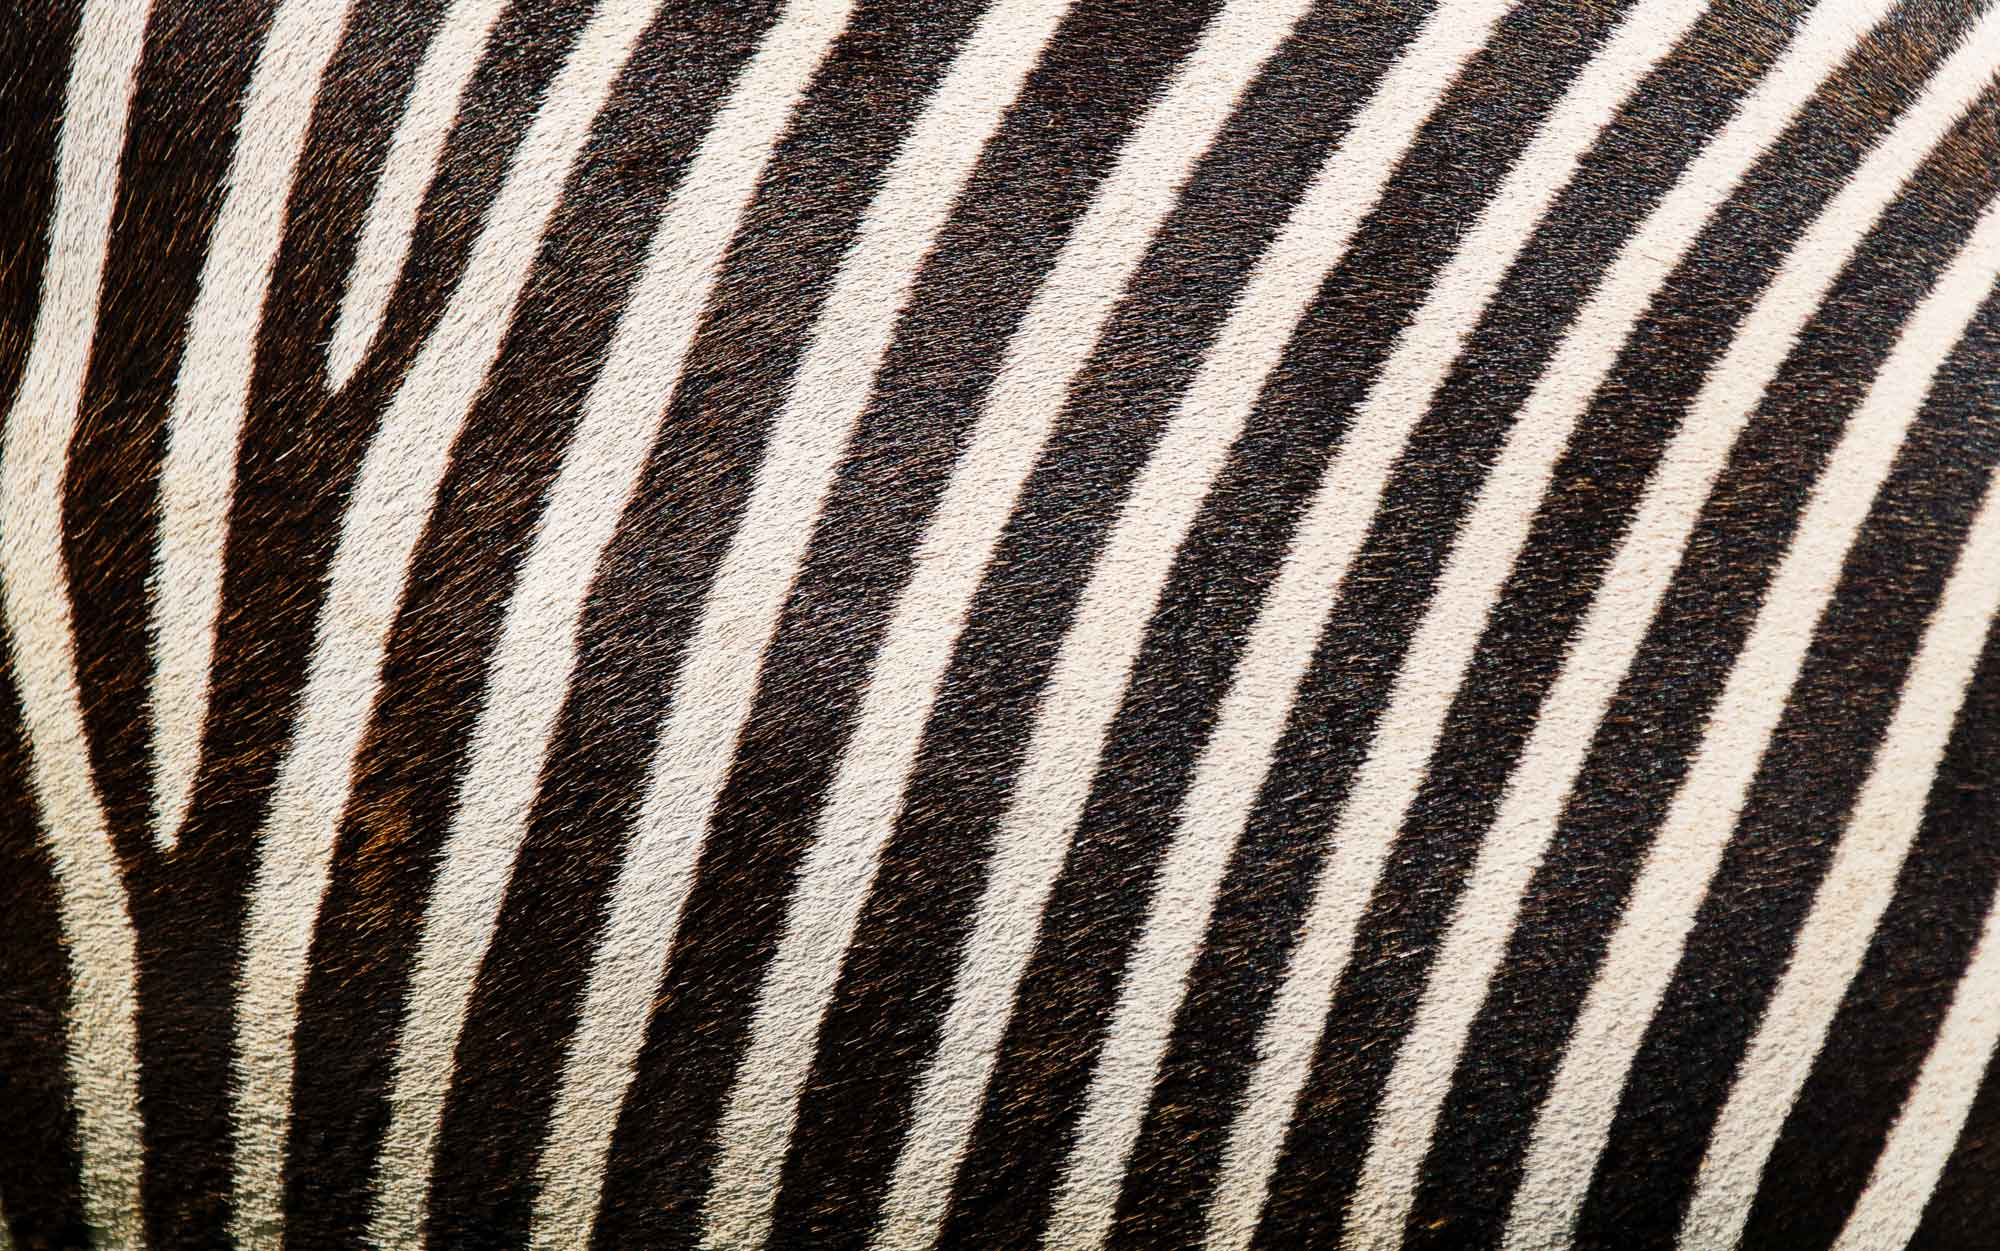 Camuflagem da zebra